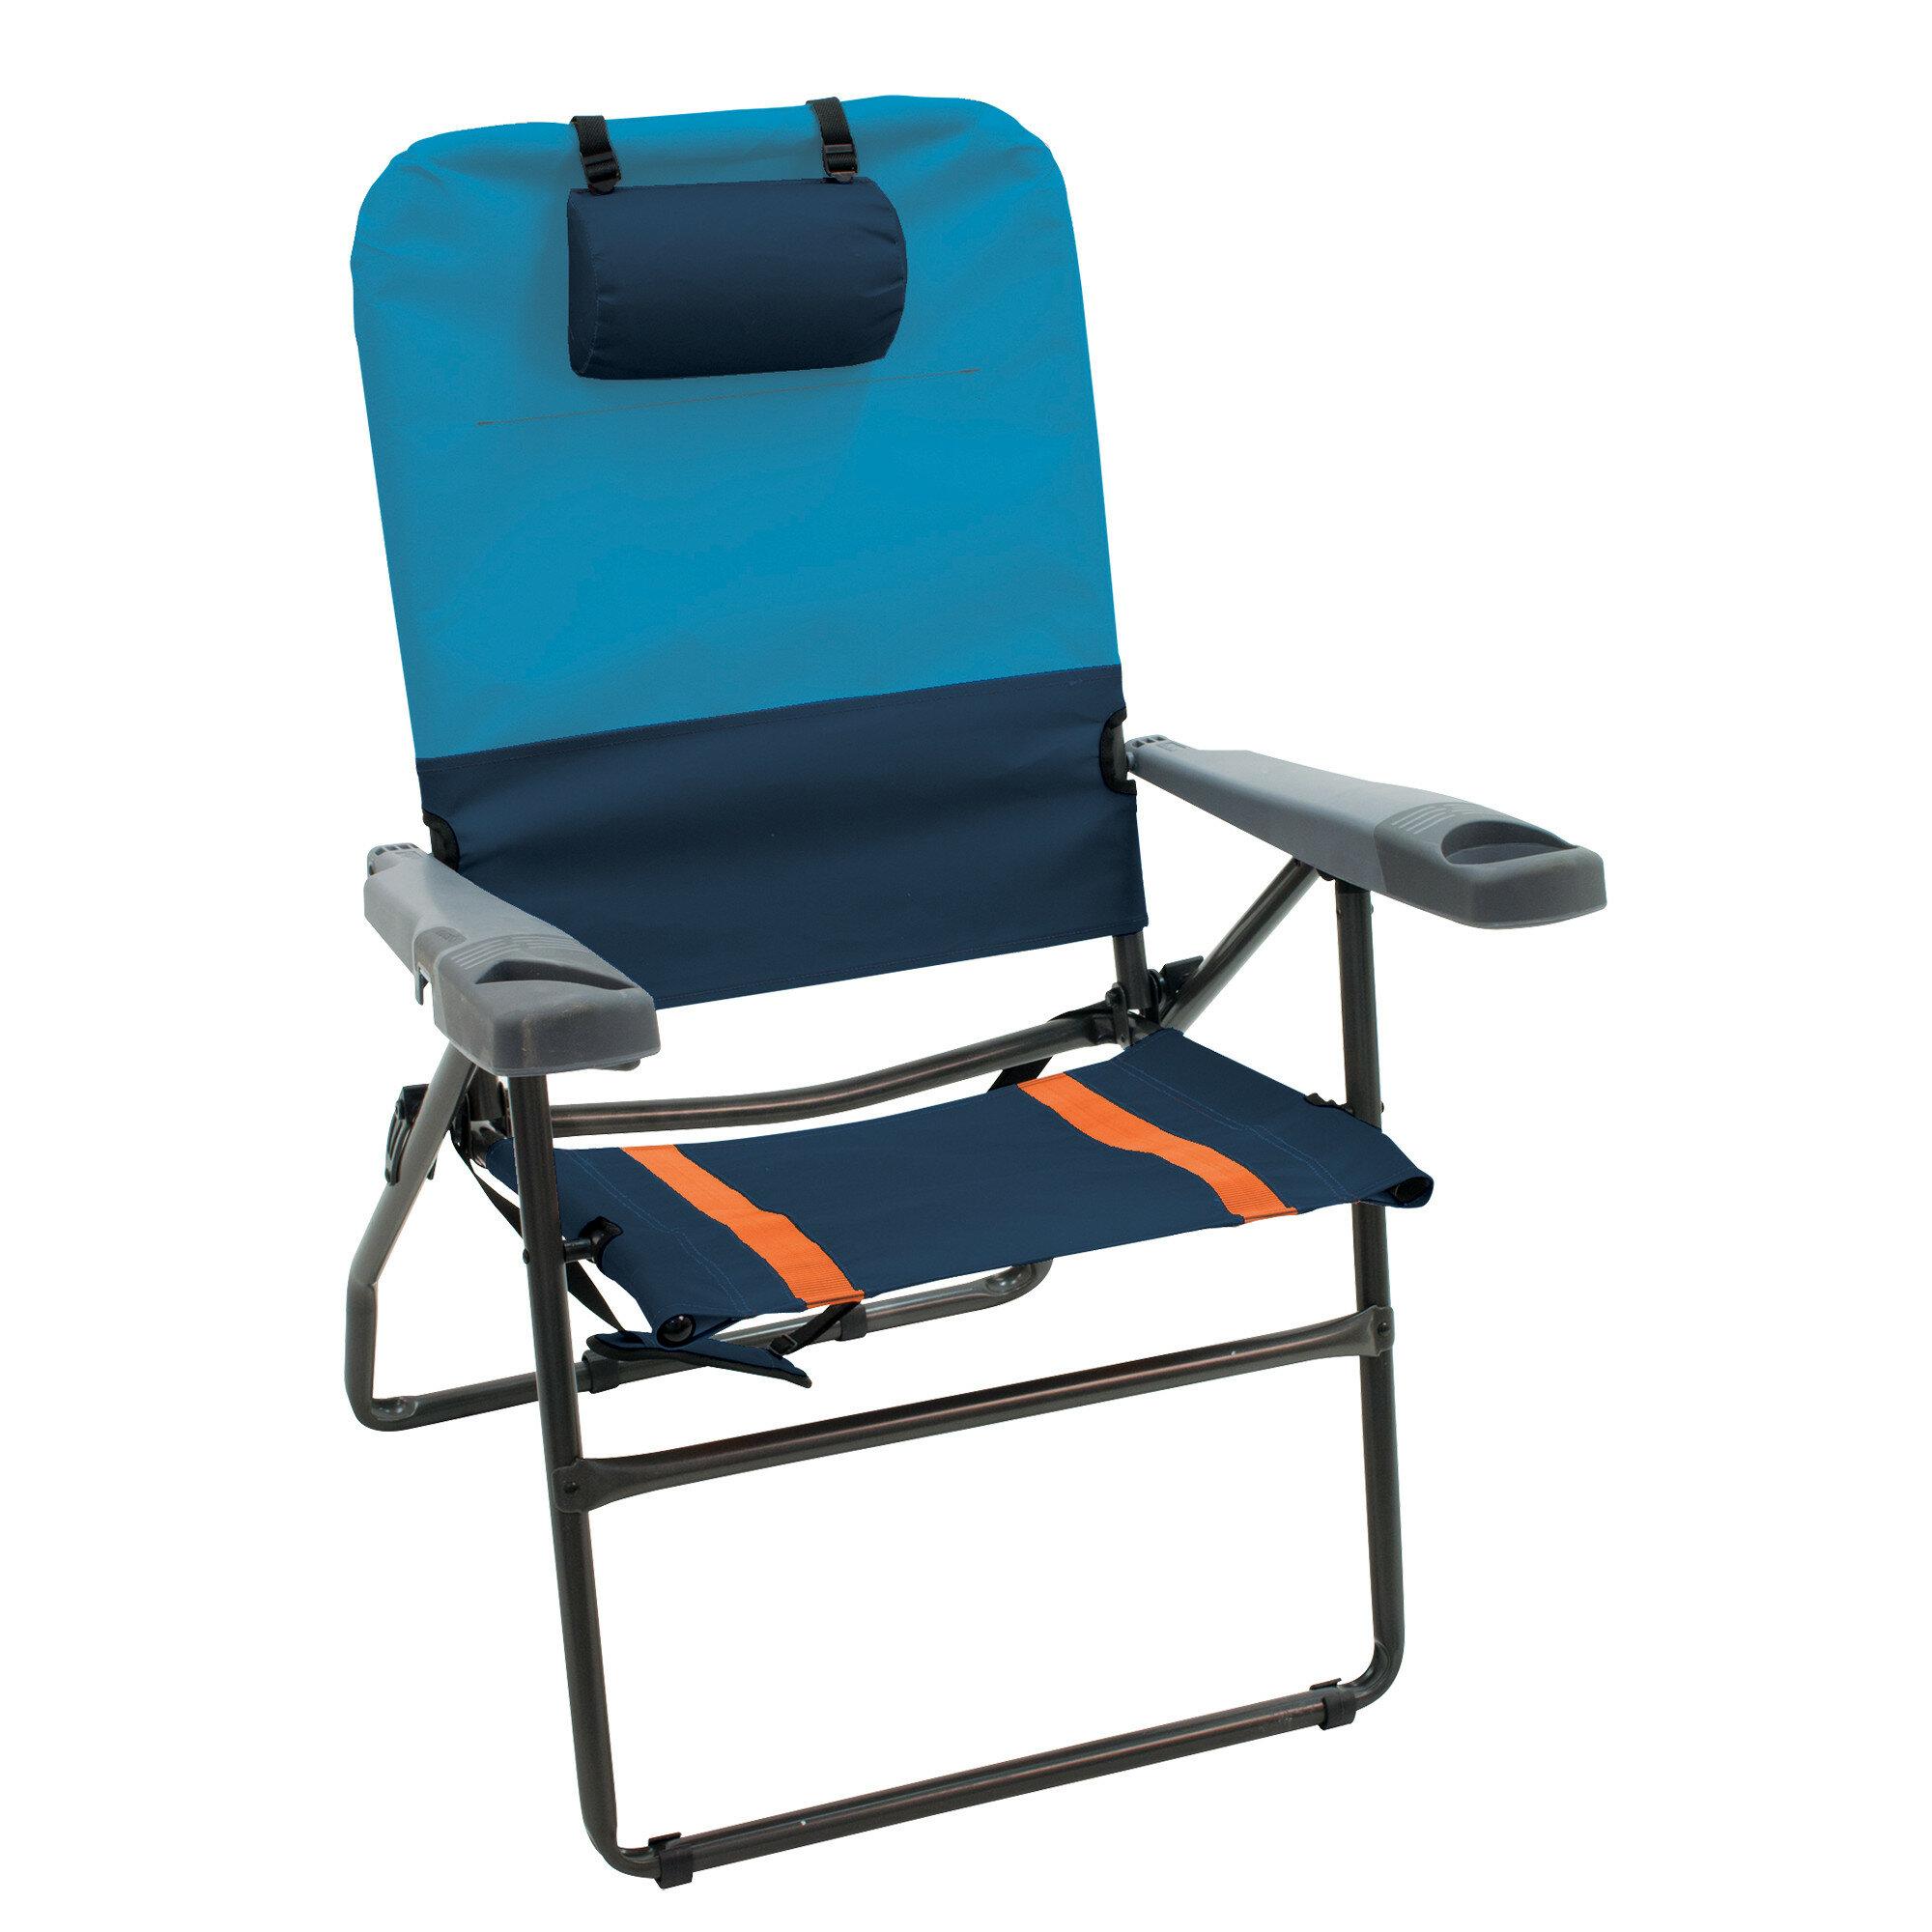 Arlmont Co Makenzie 4 Position Aluminum Reclining Beach Chair Reviews Wayfair